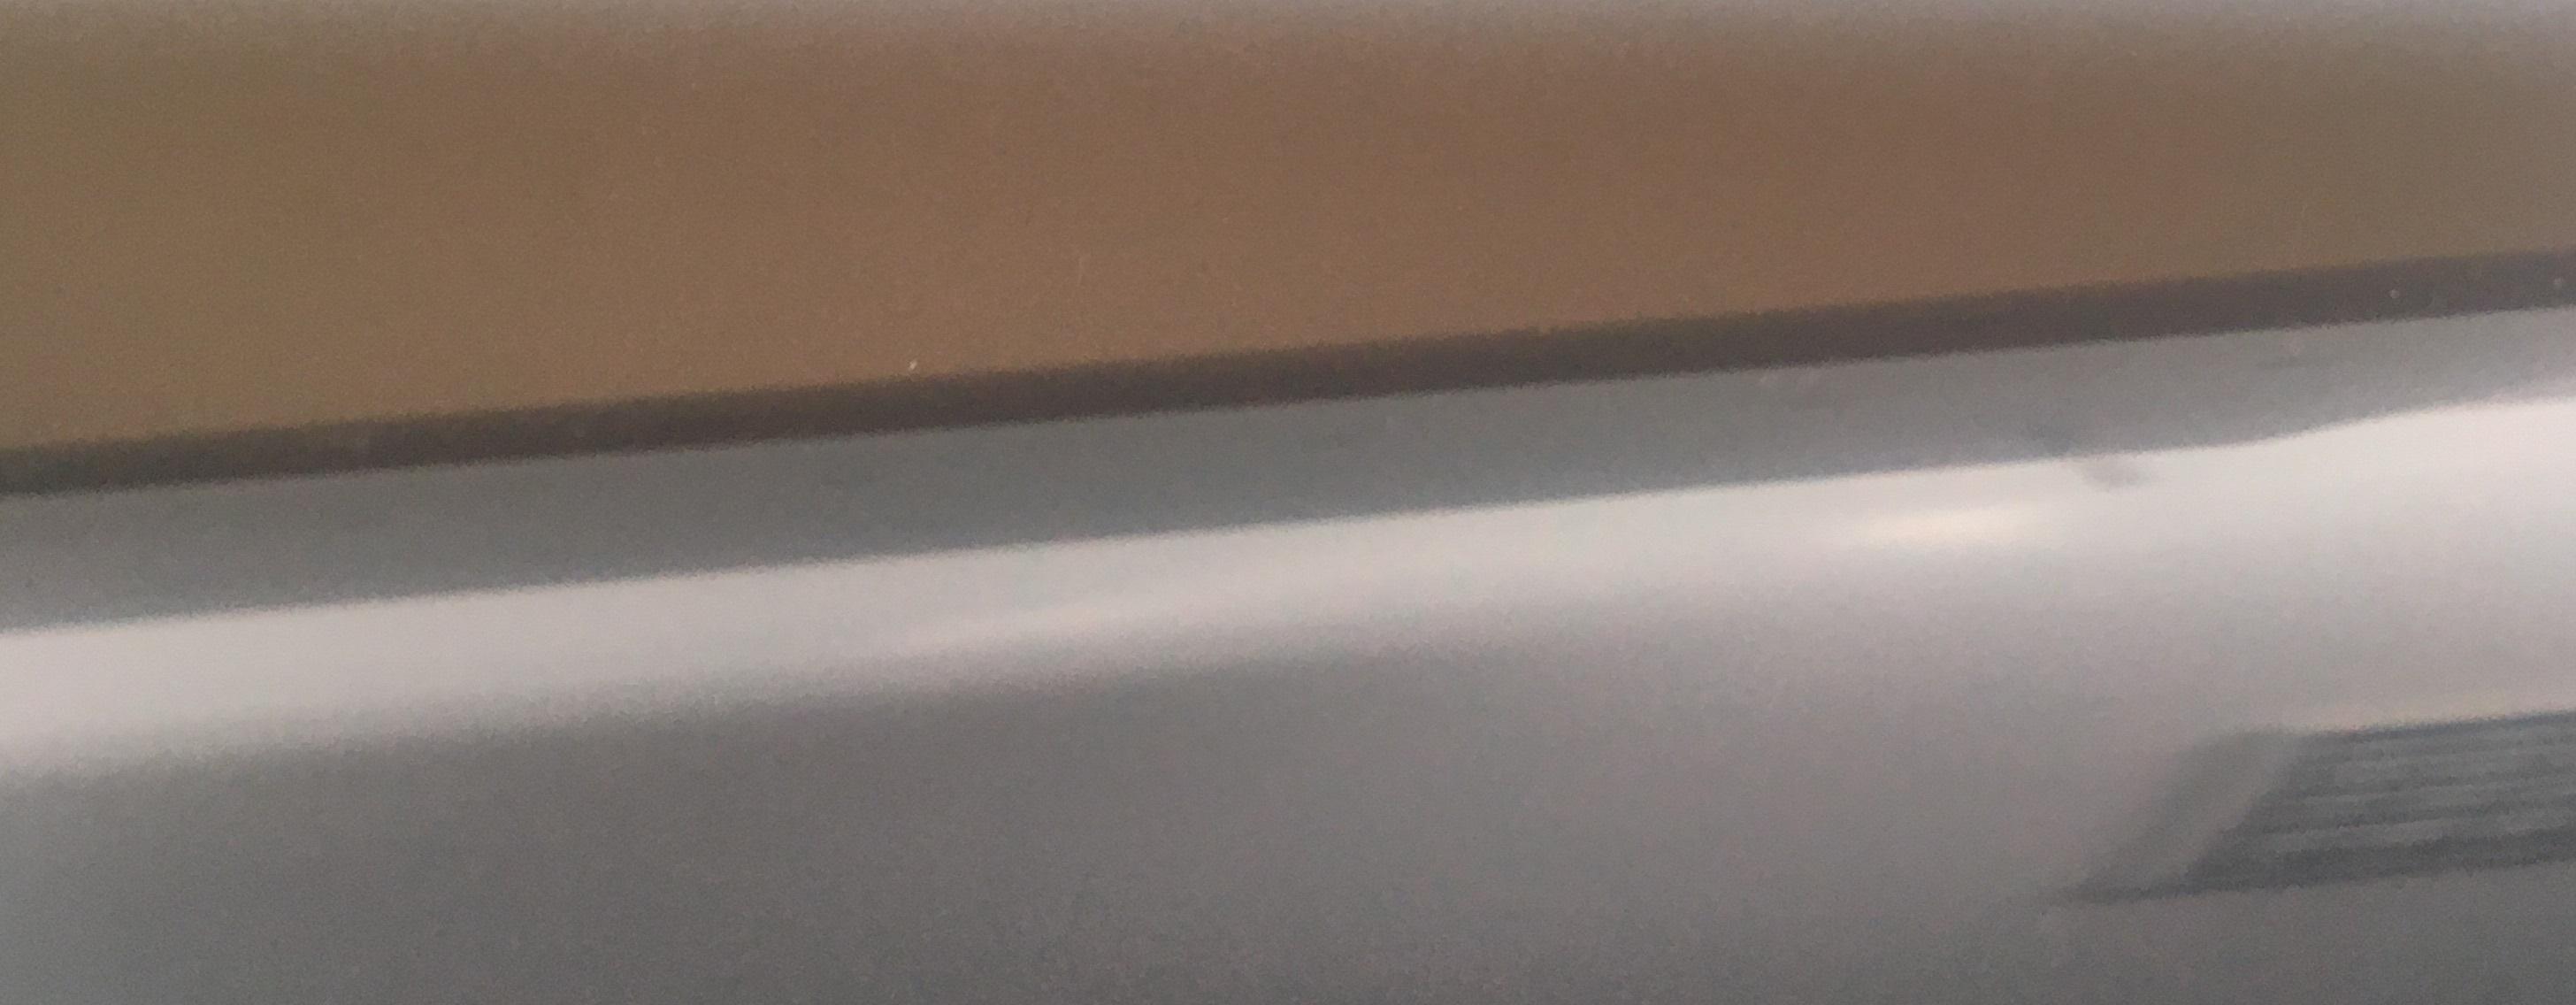 Fólie na sklo 50x300cm hnědá